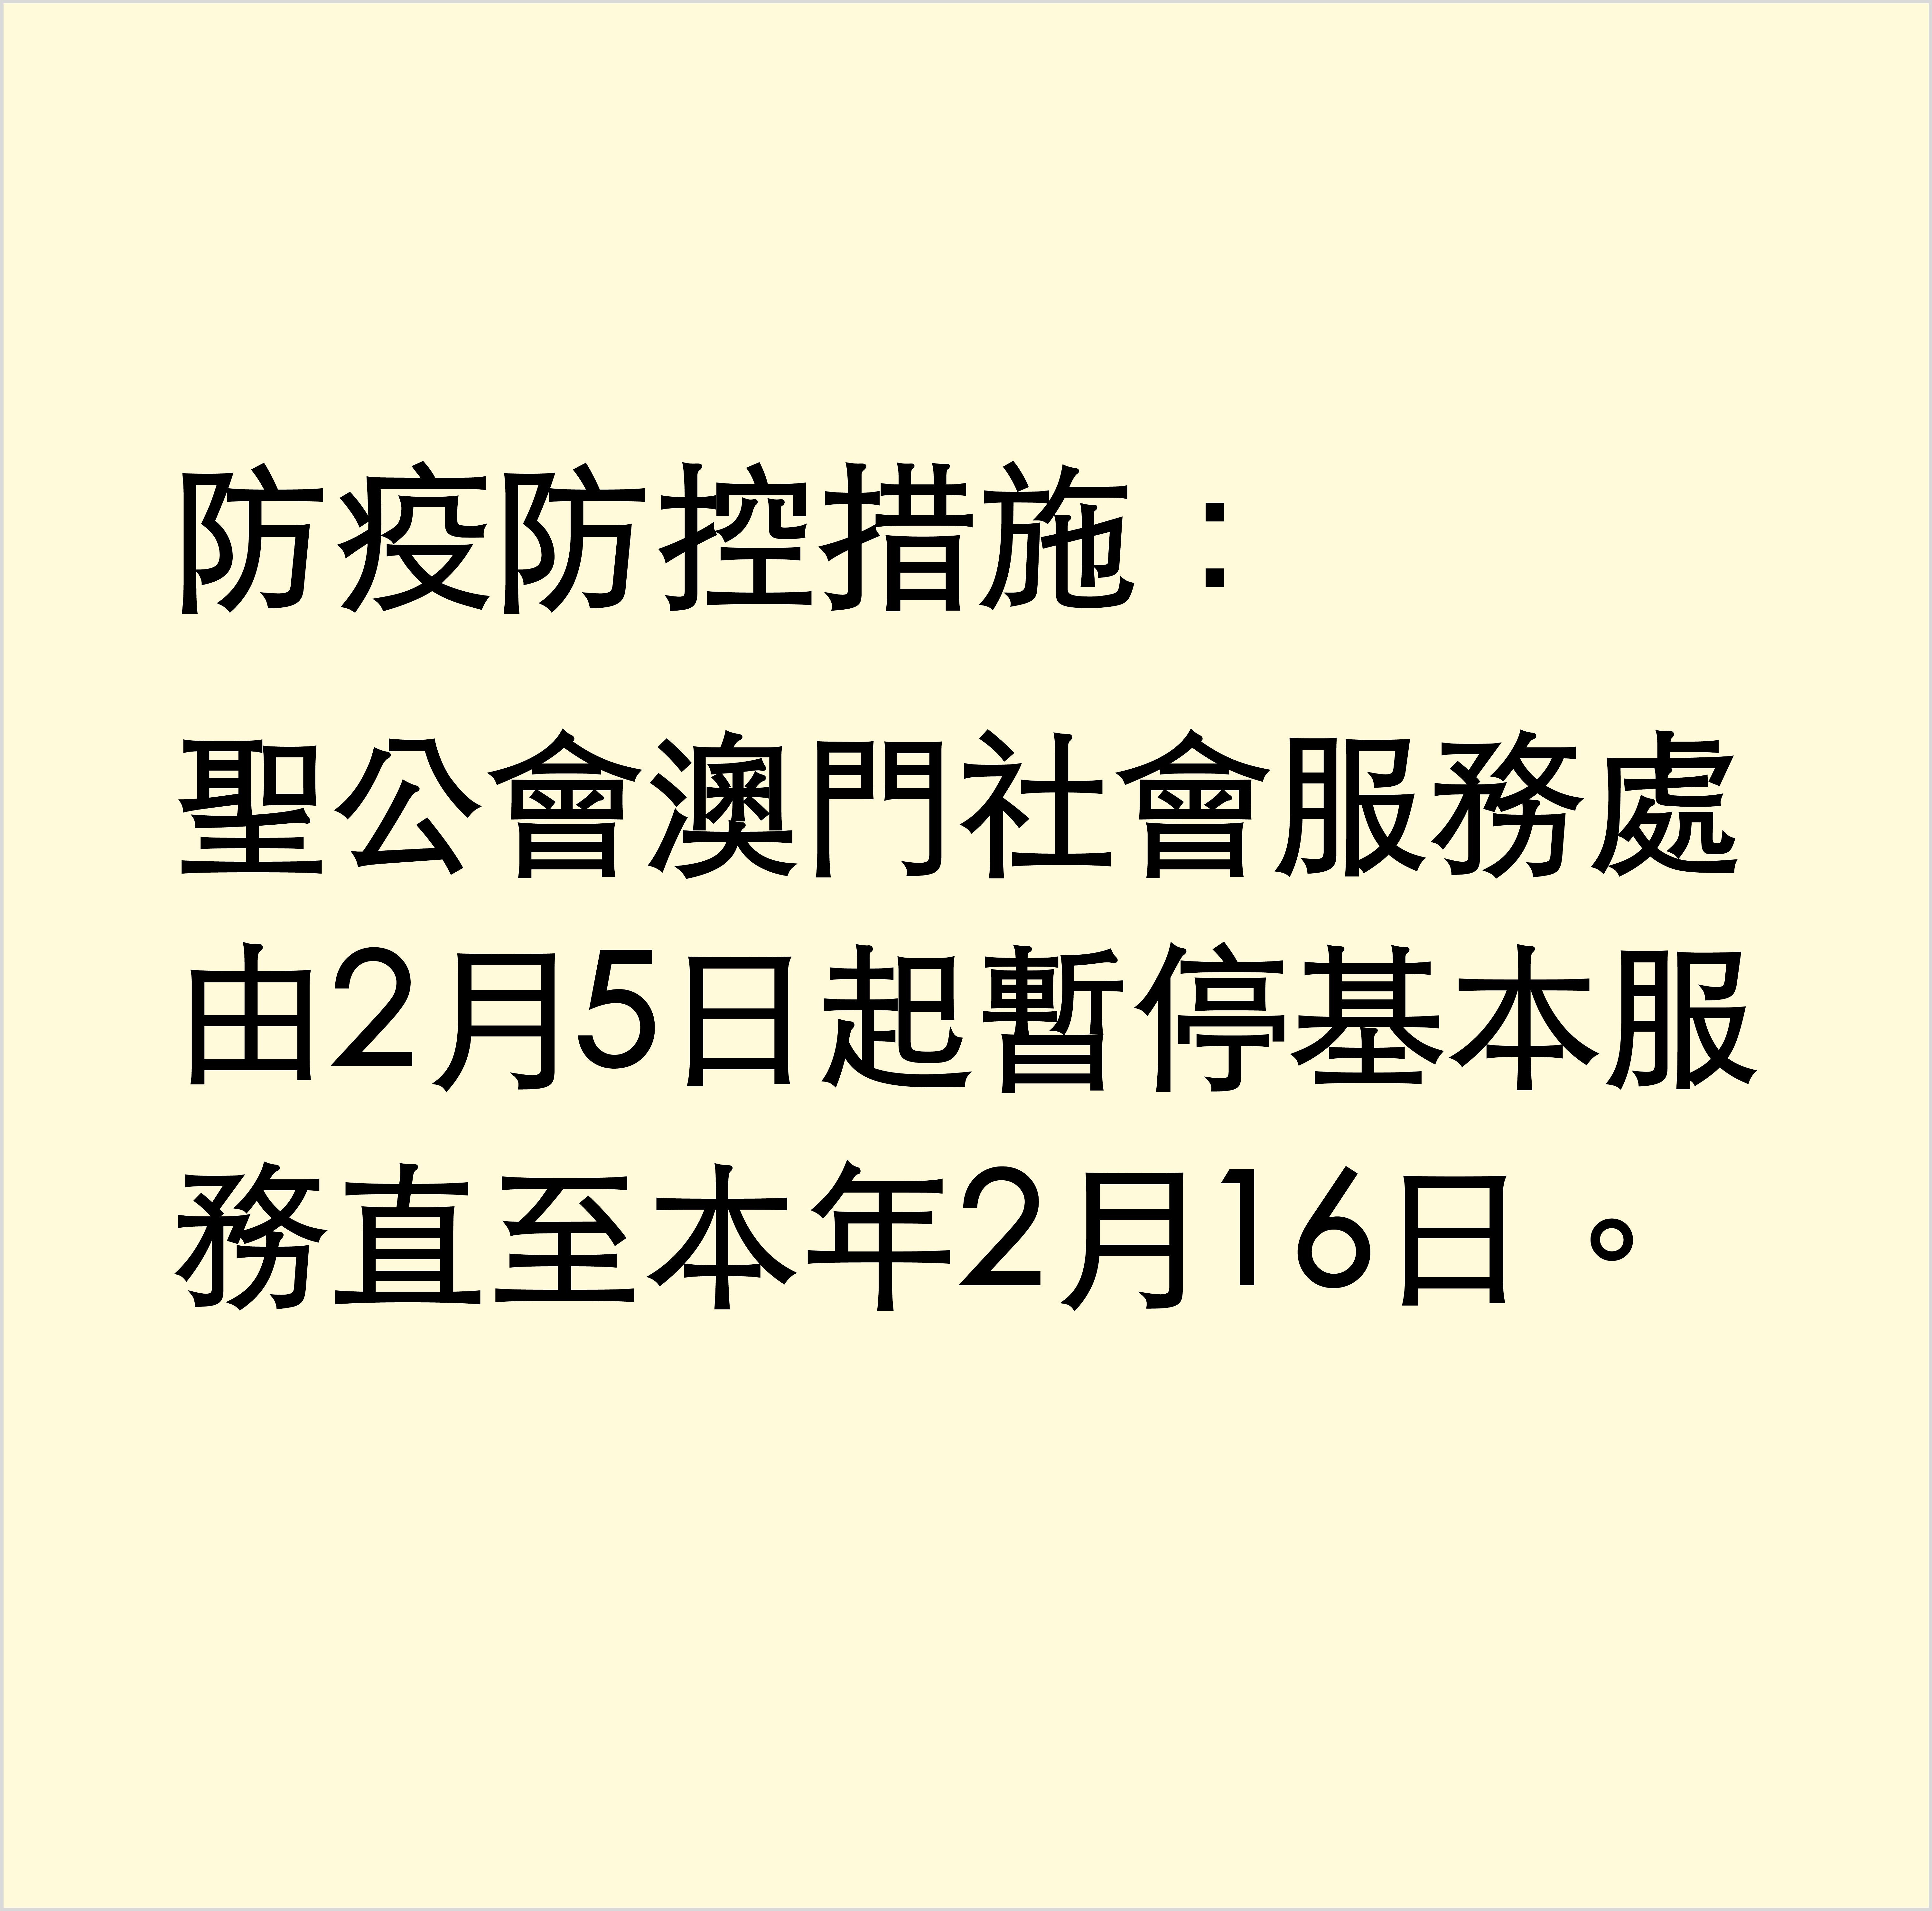 防疫防控措施:5/2~16/2聖公會澳門社會服務處暫停基本服務